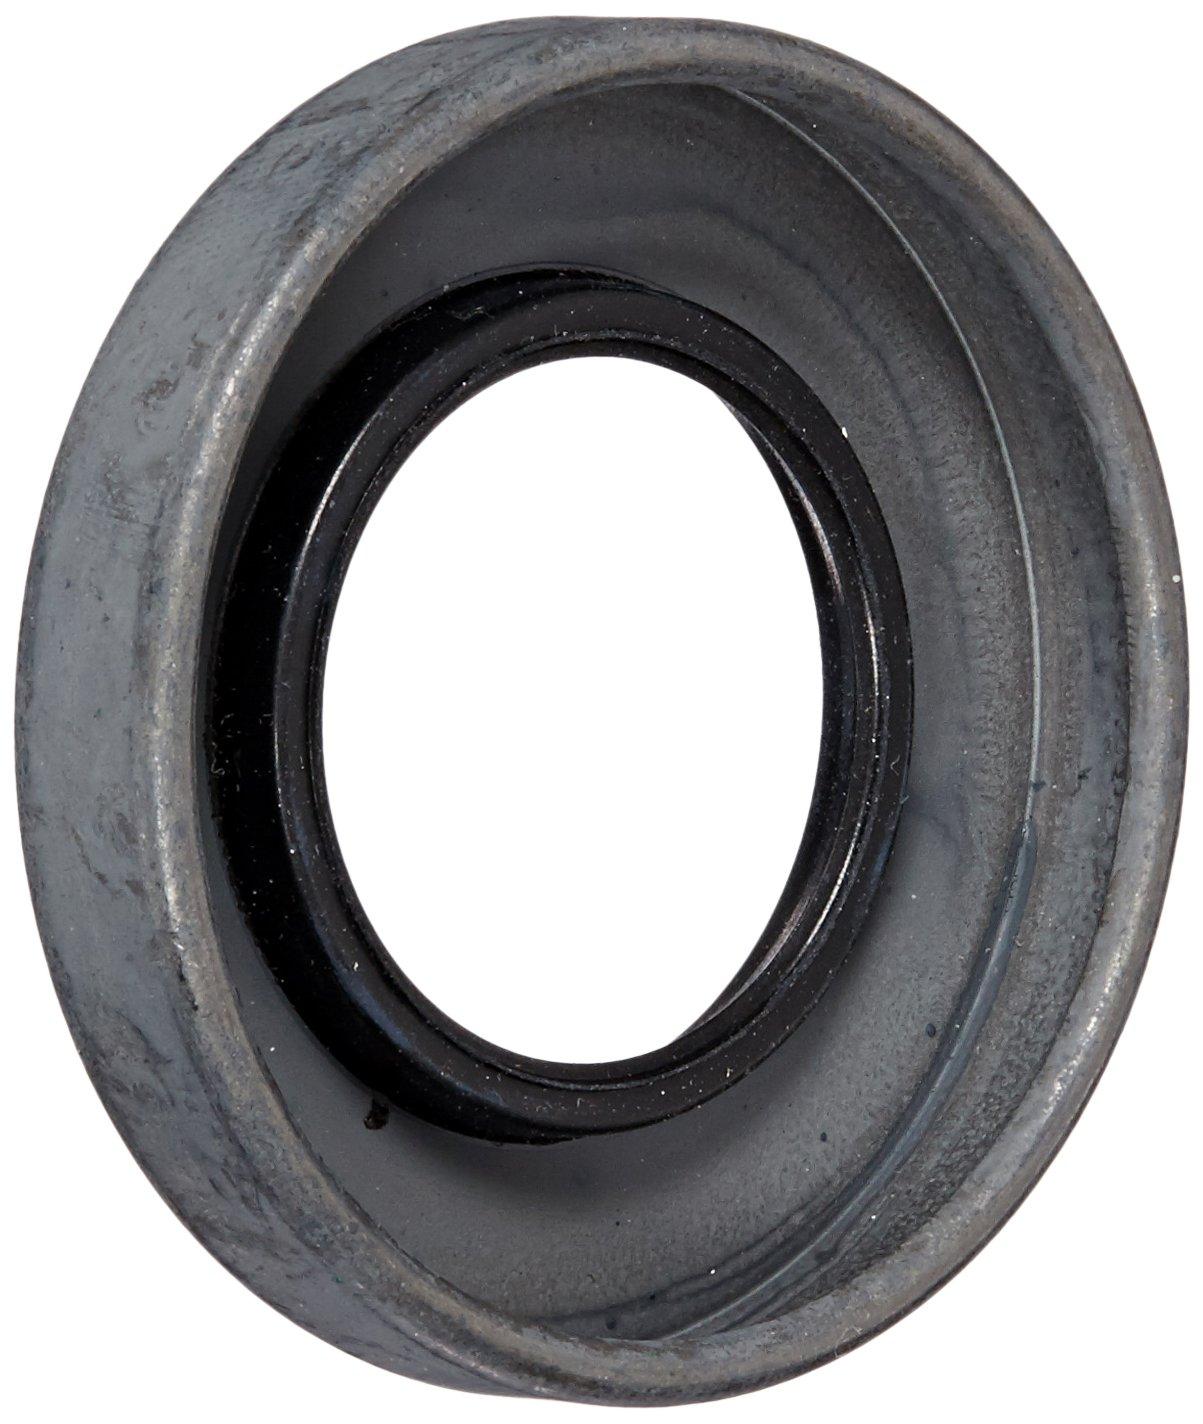 SKF 7536 LDS & Small Bore Seal, R Lip Code, HM14 Style, Inch, 0.75' Shaft Diameter, 1.375' Bore Diameter, 0.25' Width 0.75 Shaft Diameter 1.375 Bore Diameter 0.25 Width